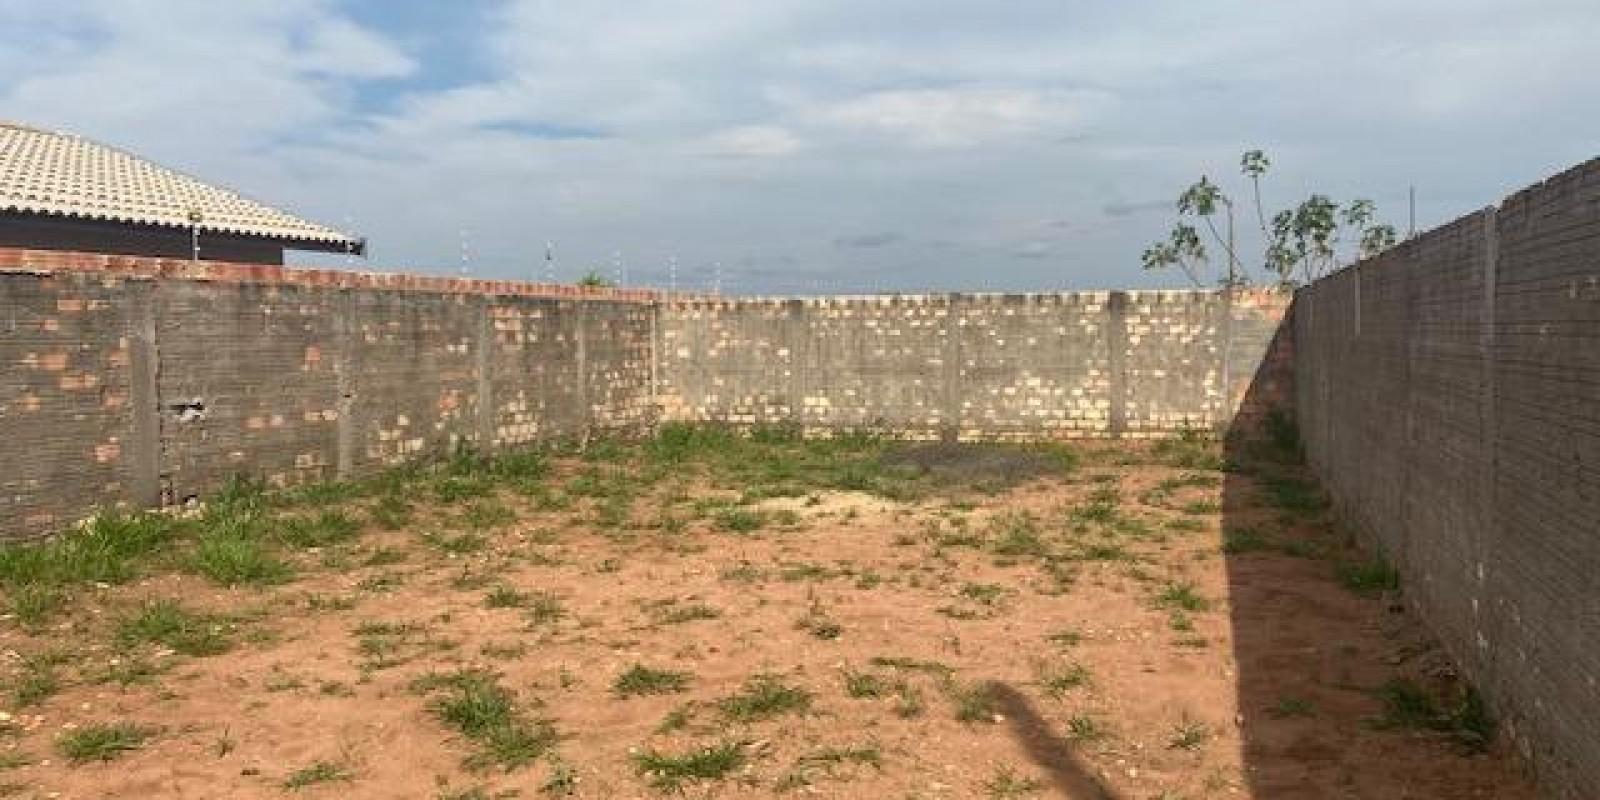 Terreno no Bairro Paraíso em Avaré SP - Foto 4 de 7